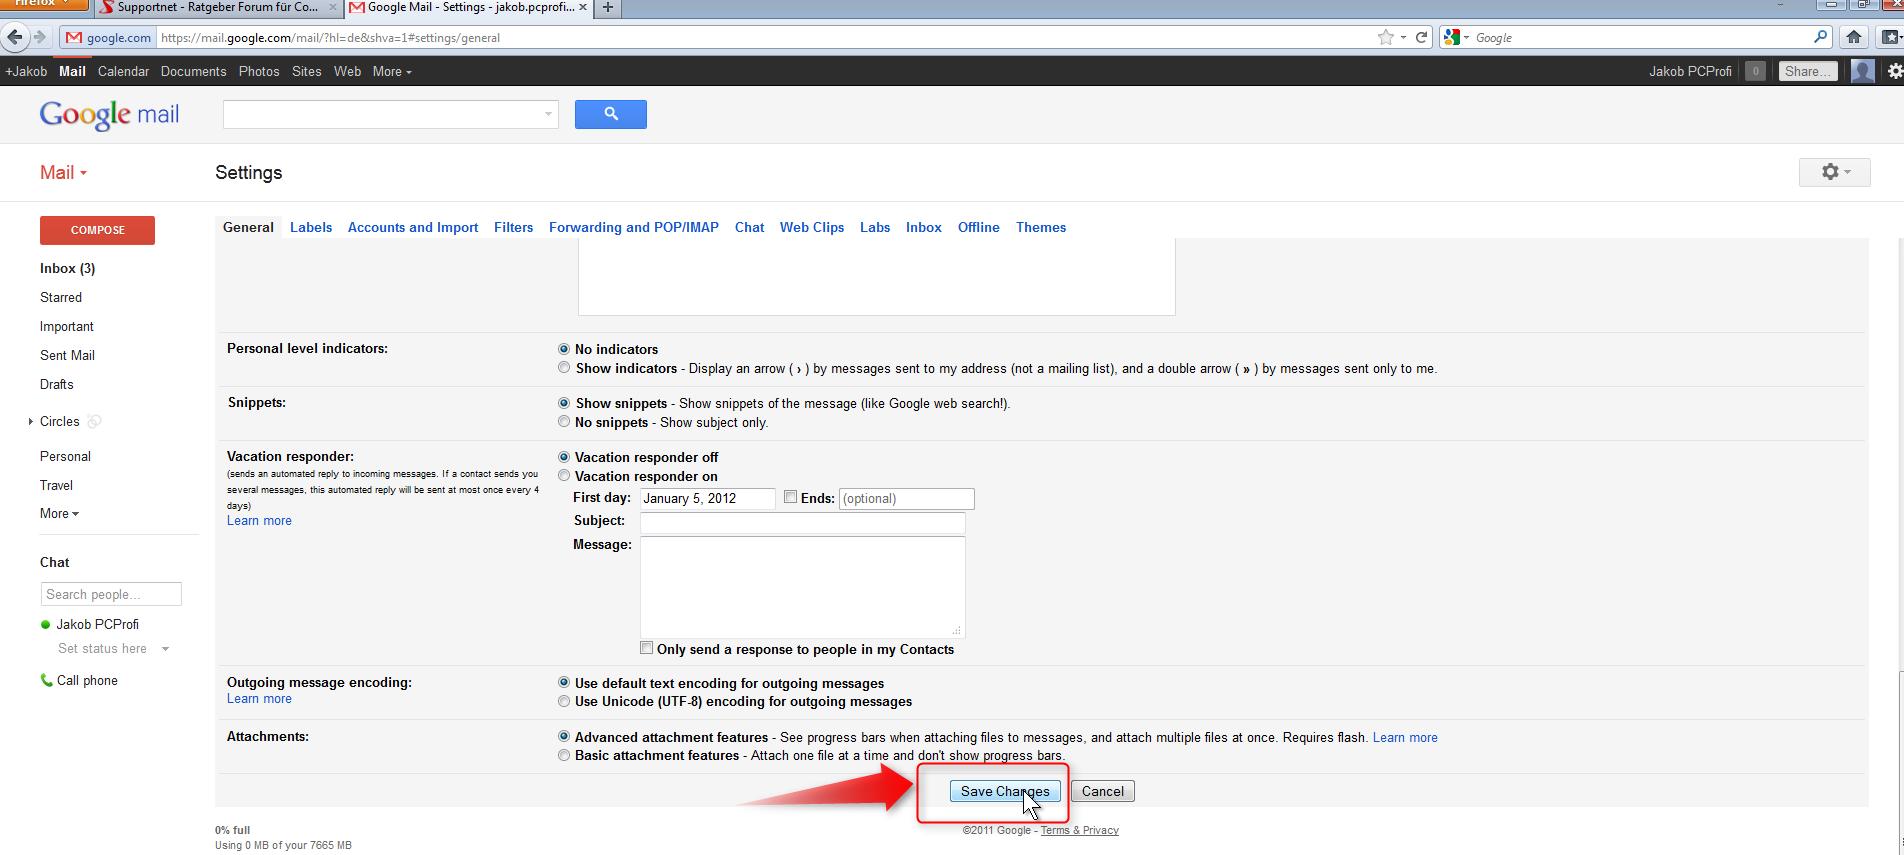 11-Ein-kostenloses-E-Mail-Konto-bei-Google-eroeffnen-mit-Video-smartphone-470.png?nocache=1325851260066